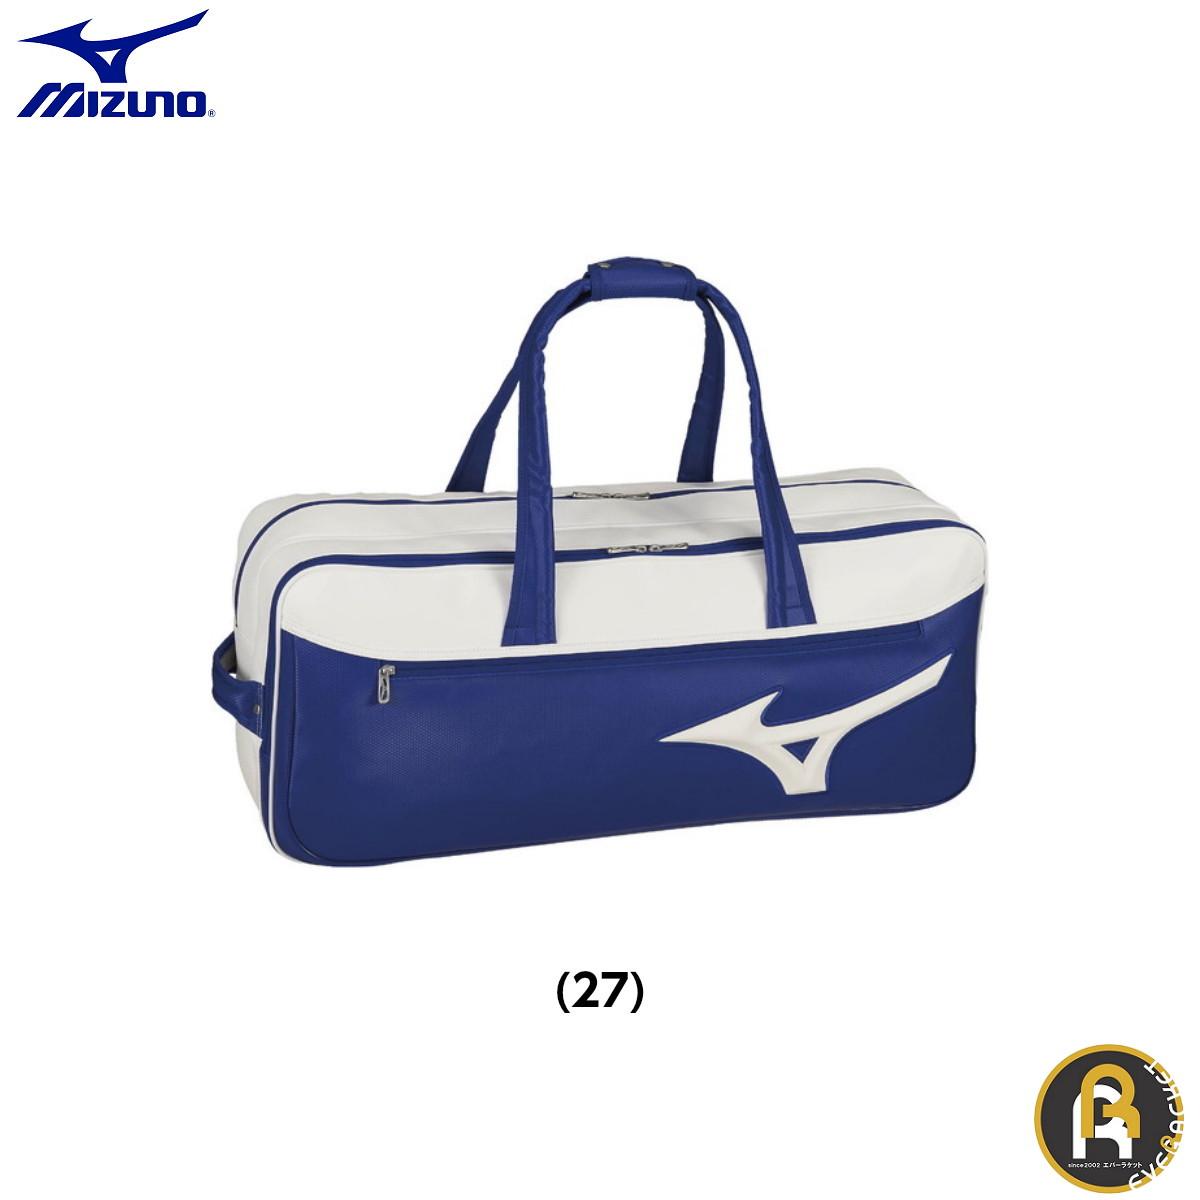 【スーパーセールポイント5倍】ミズノ MIZUNO バッグ PROモデルトーナメントバッグ 63GD9003 バドミントン・テニス